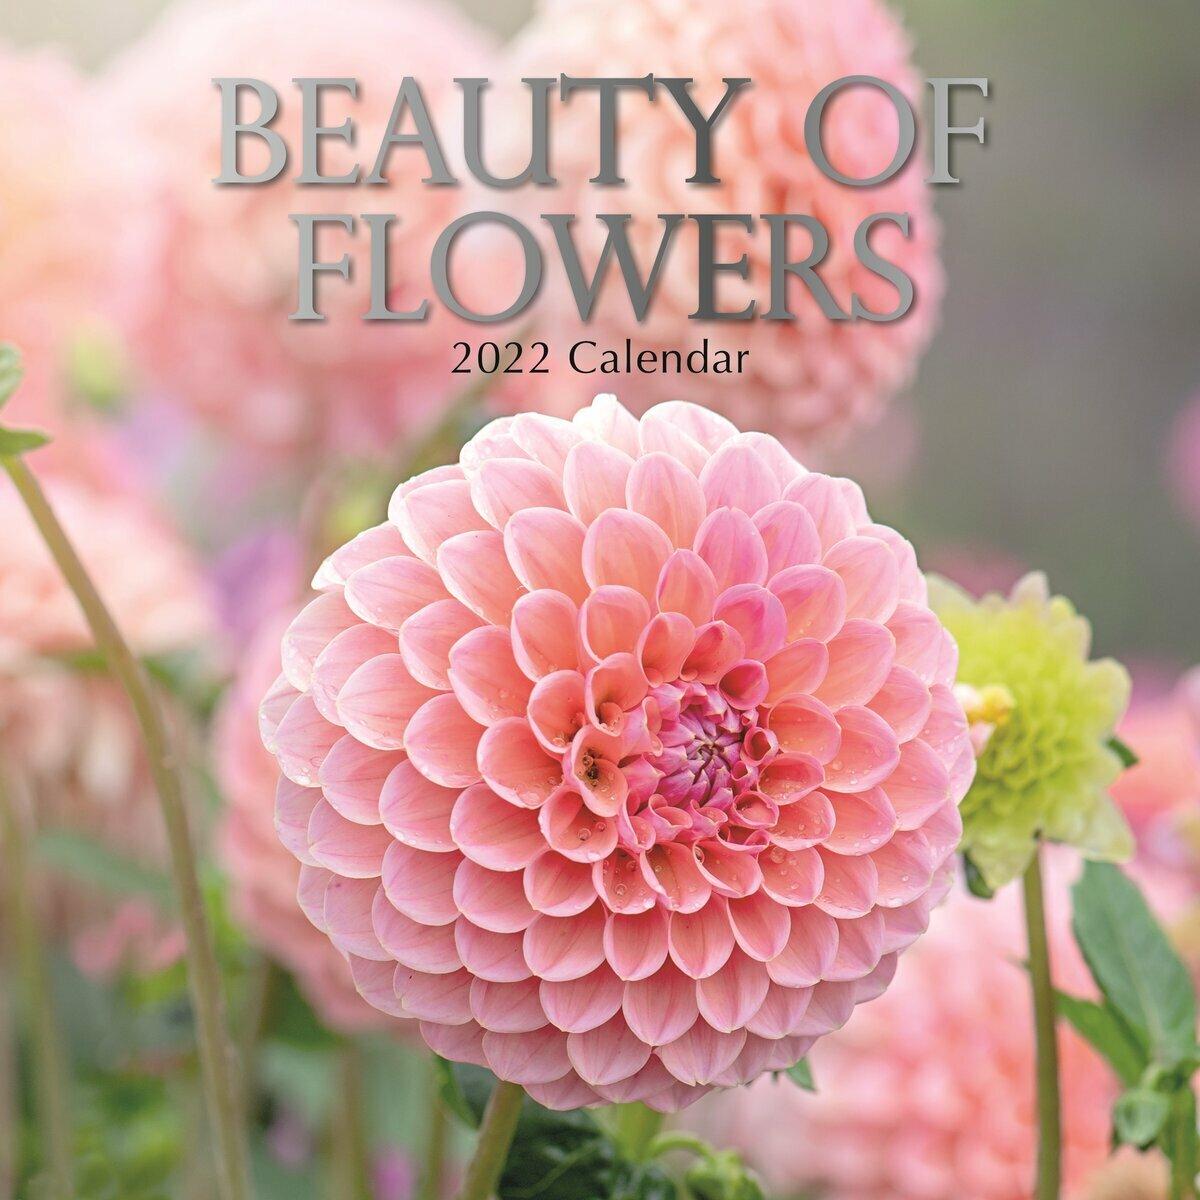 Calendrier De Lavent Beauté 2022 calendrier Beauté des fleurs 2022